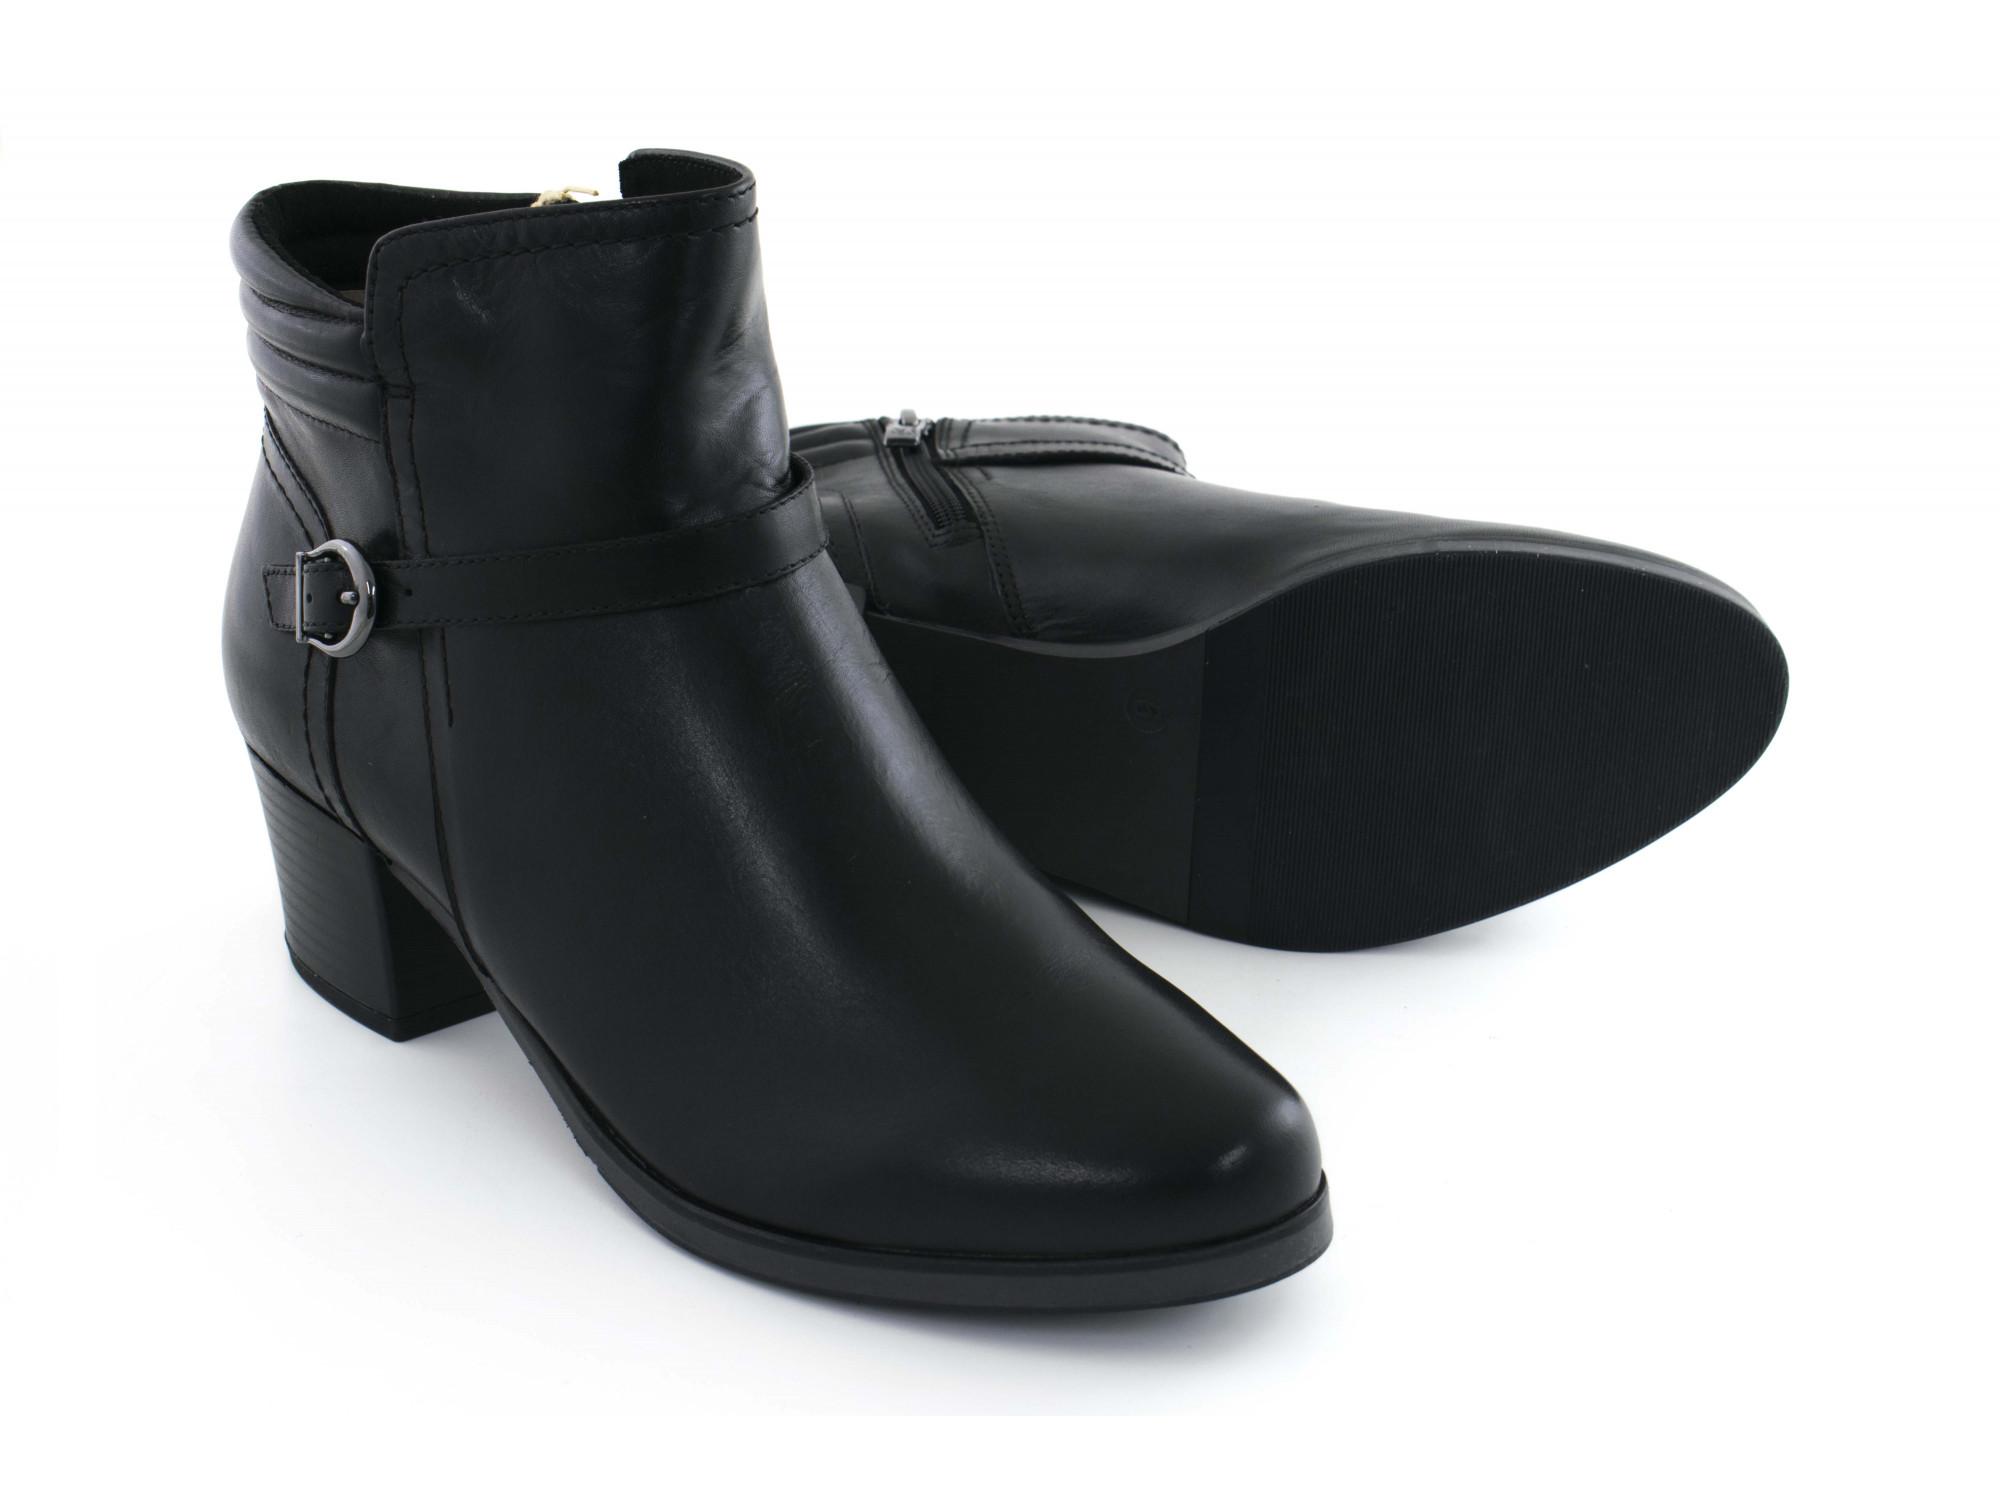 Ботинки Caprice 9-25323-25-022